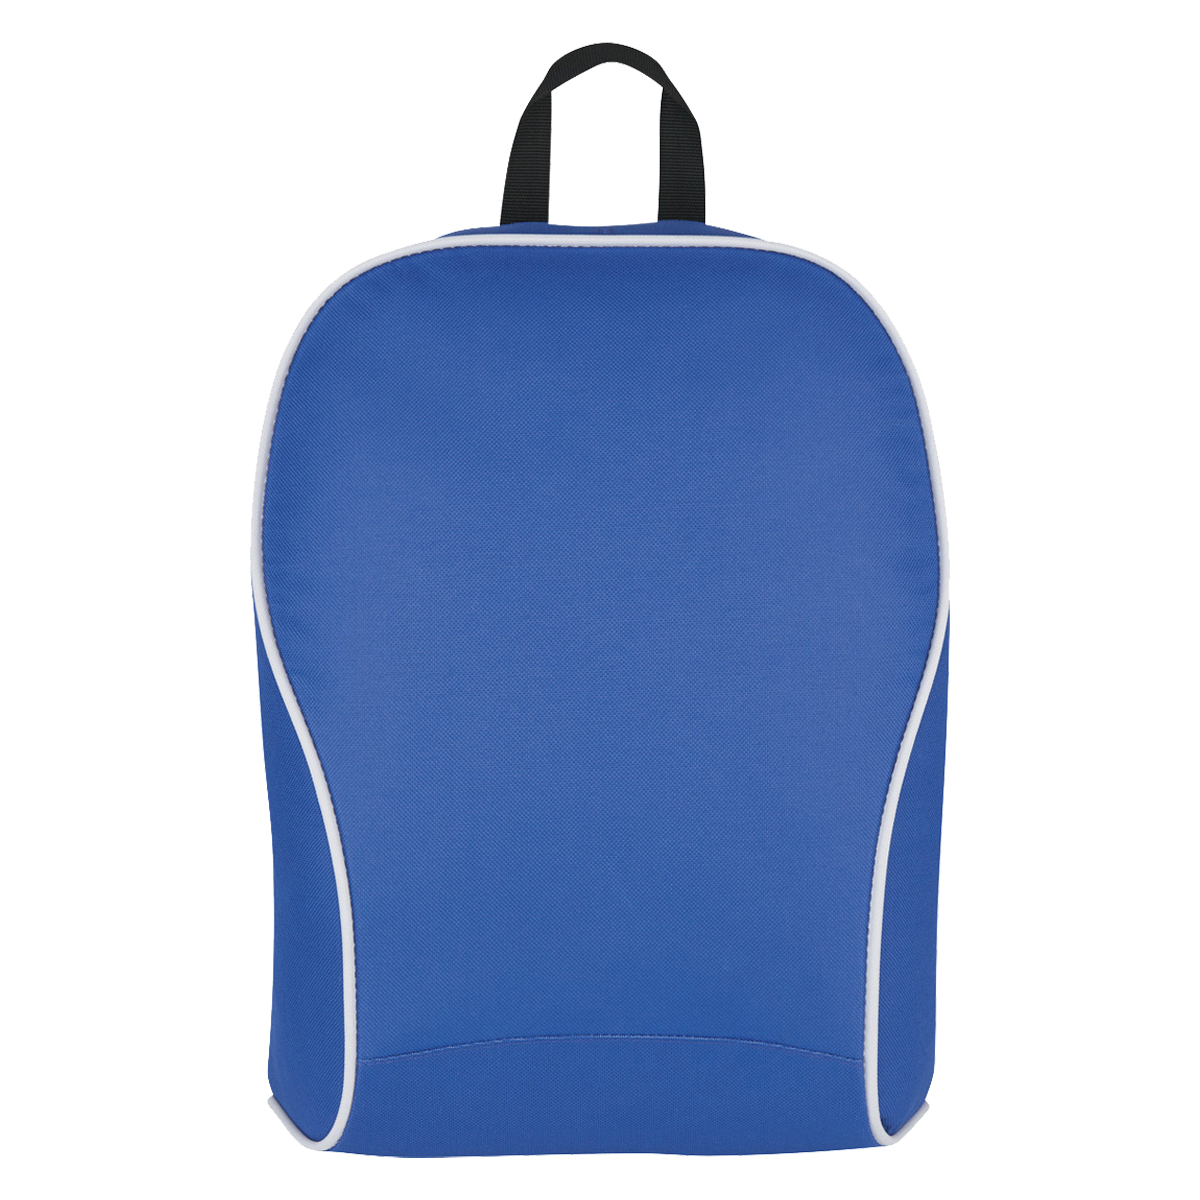 3408 - Backpack